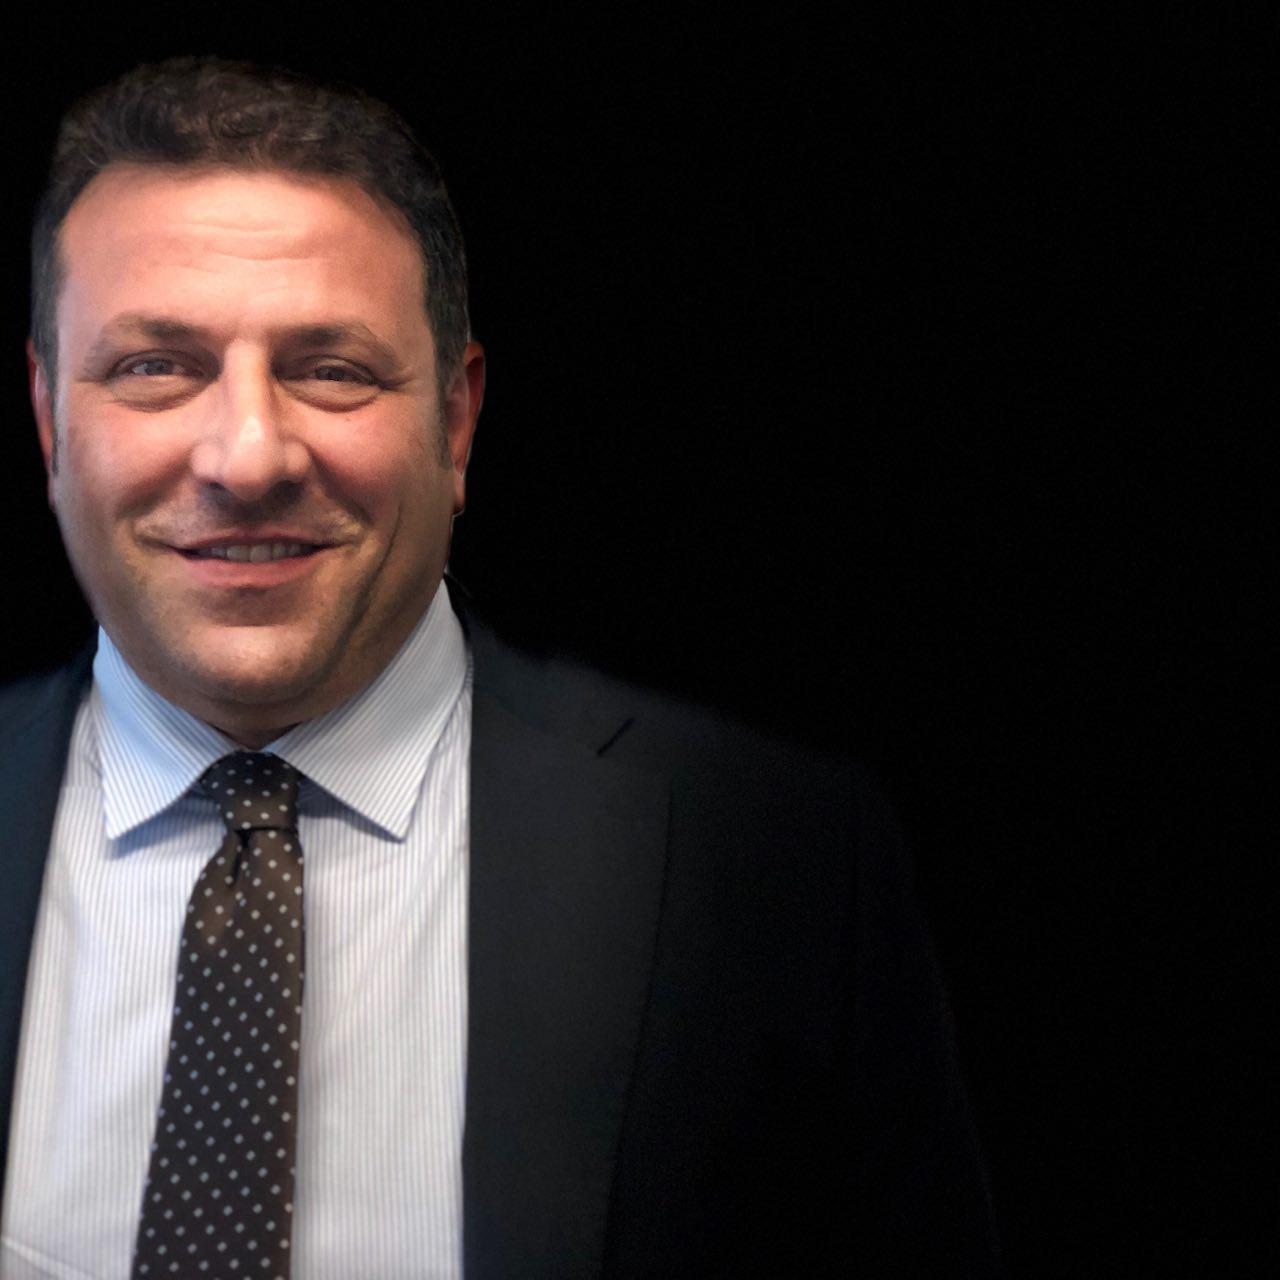 Domenico Cozzolino